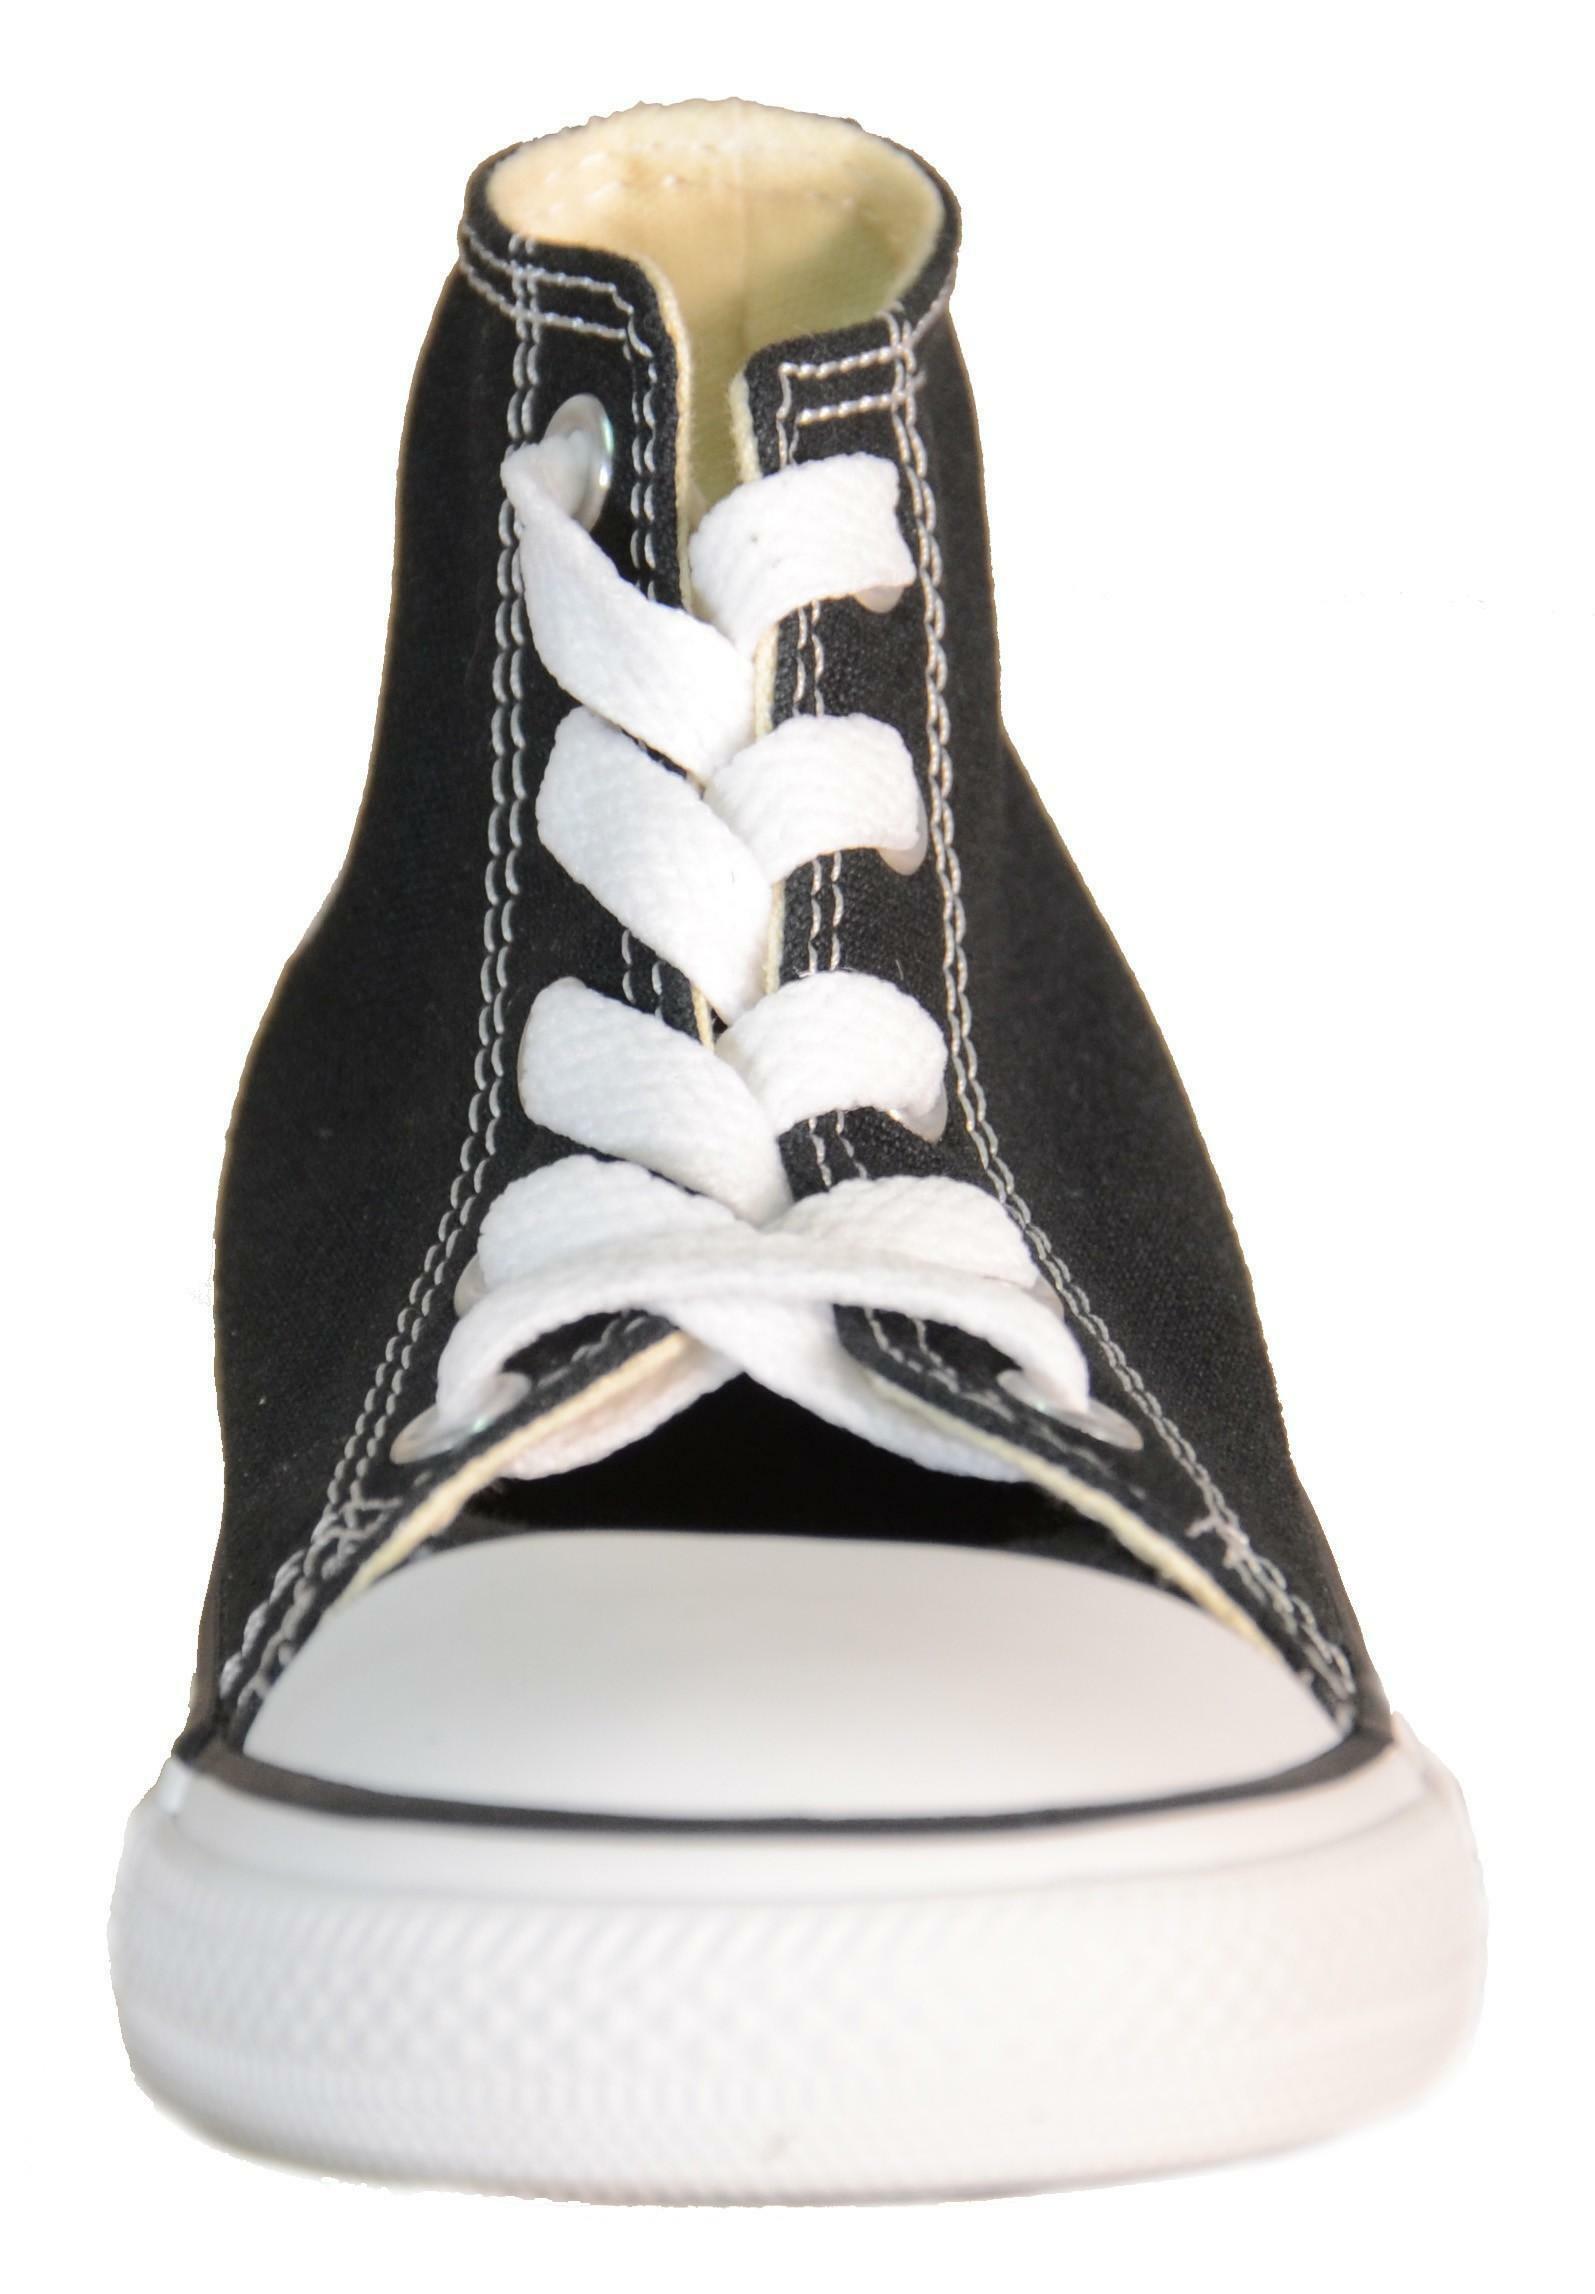 converse converse all star scarpe bambino nere tela 7j231c